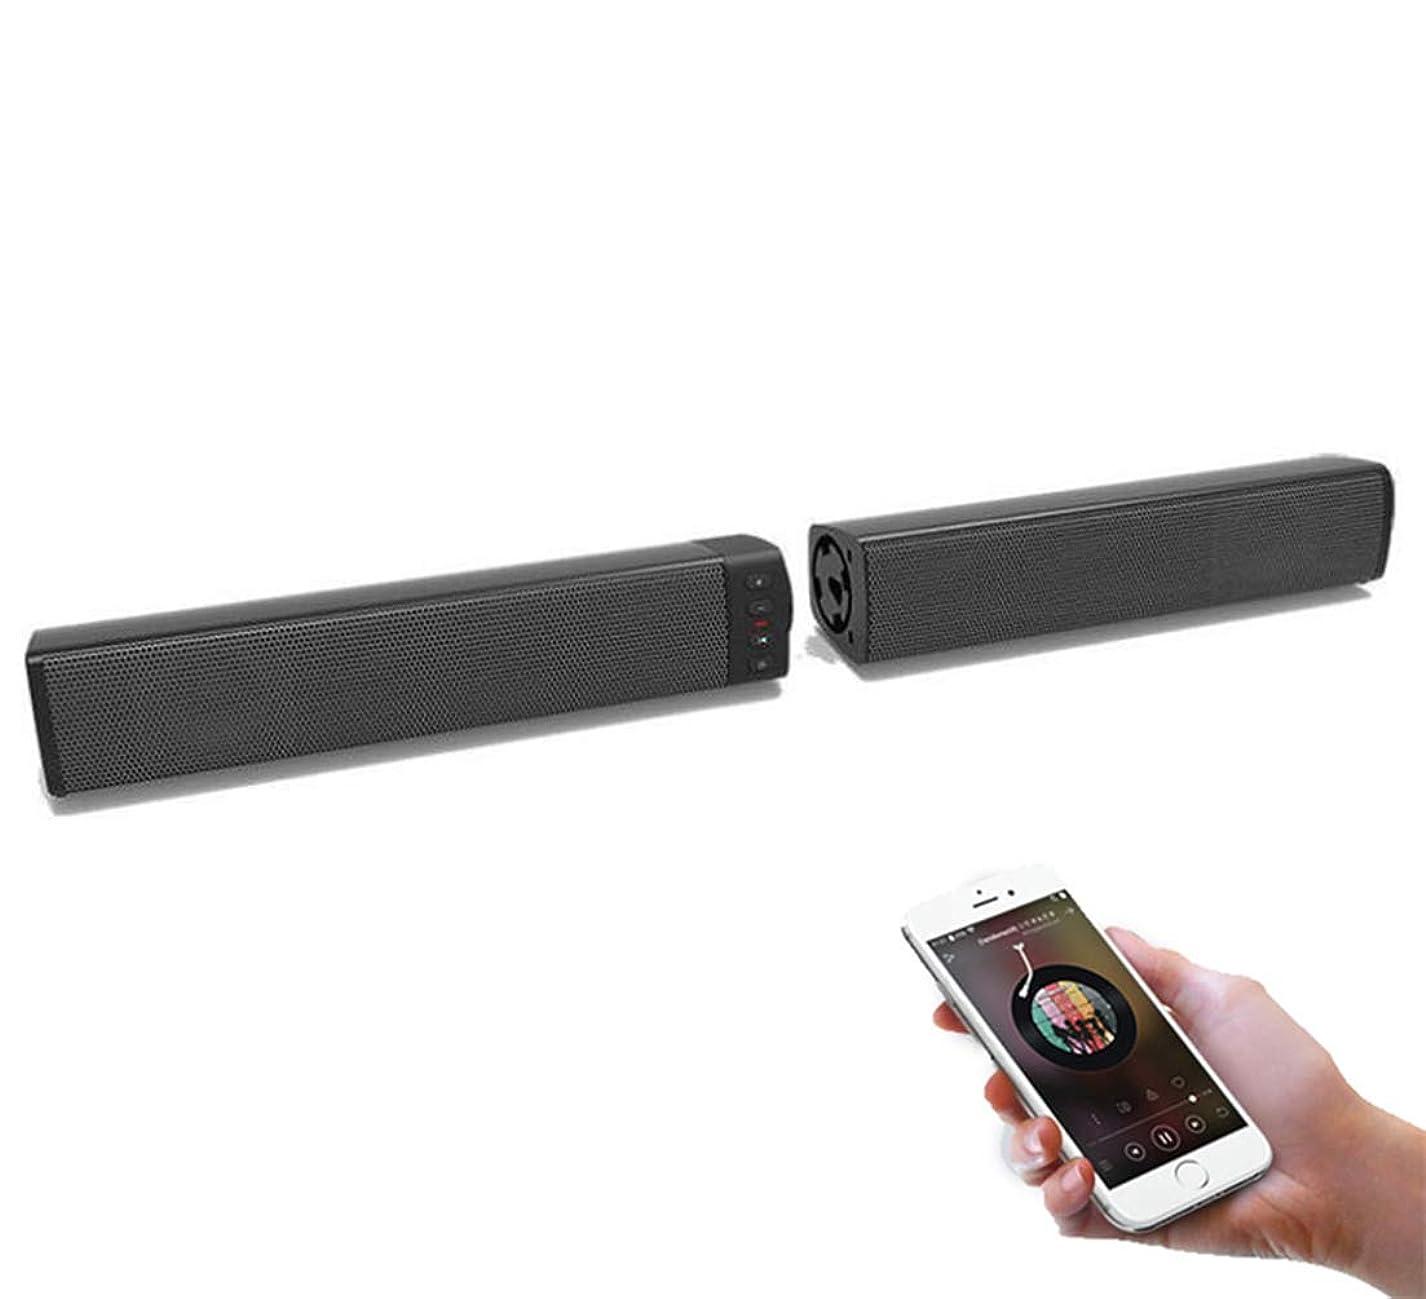 落ち着いた敬礼不満サウンドバーBluetooth 4.2サウンドバーポータブルホームシアターシステムサラウンドスピーカーテレビPCスマートフォン用の有線およびワイヤレス接続